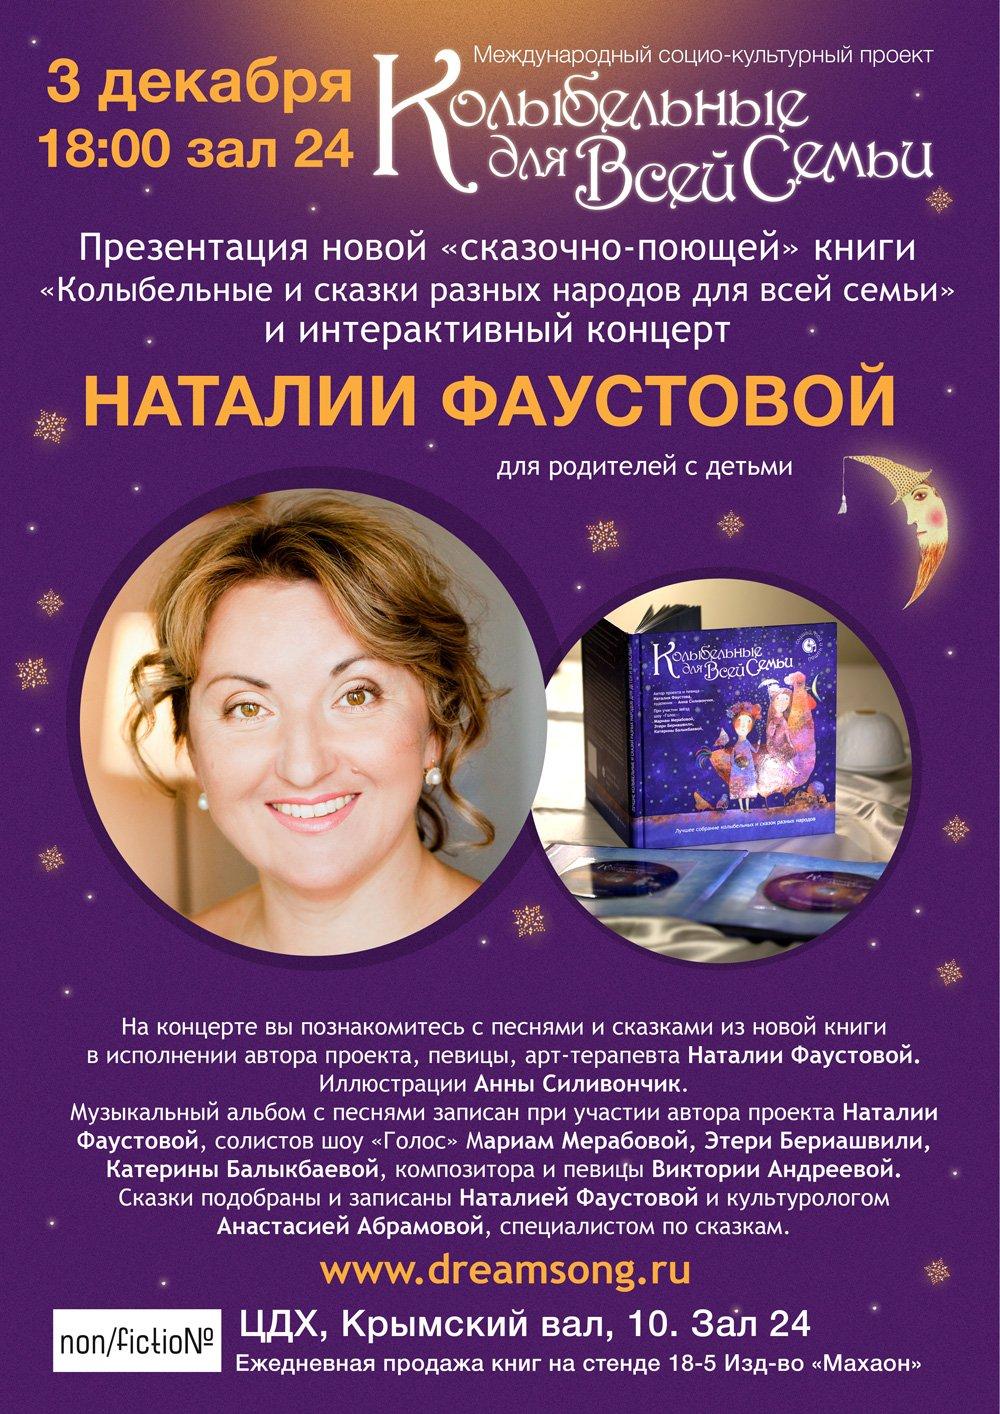 Афиша: концерт Наталии Фаустовой на Нон-Фикшн